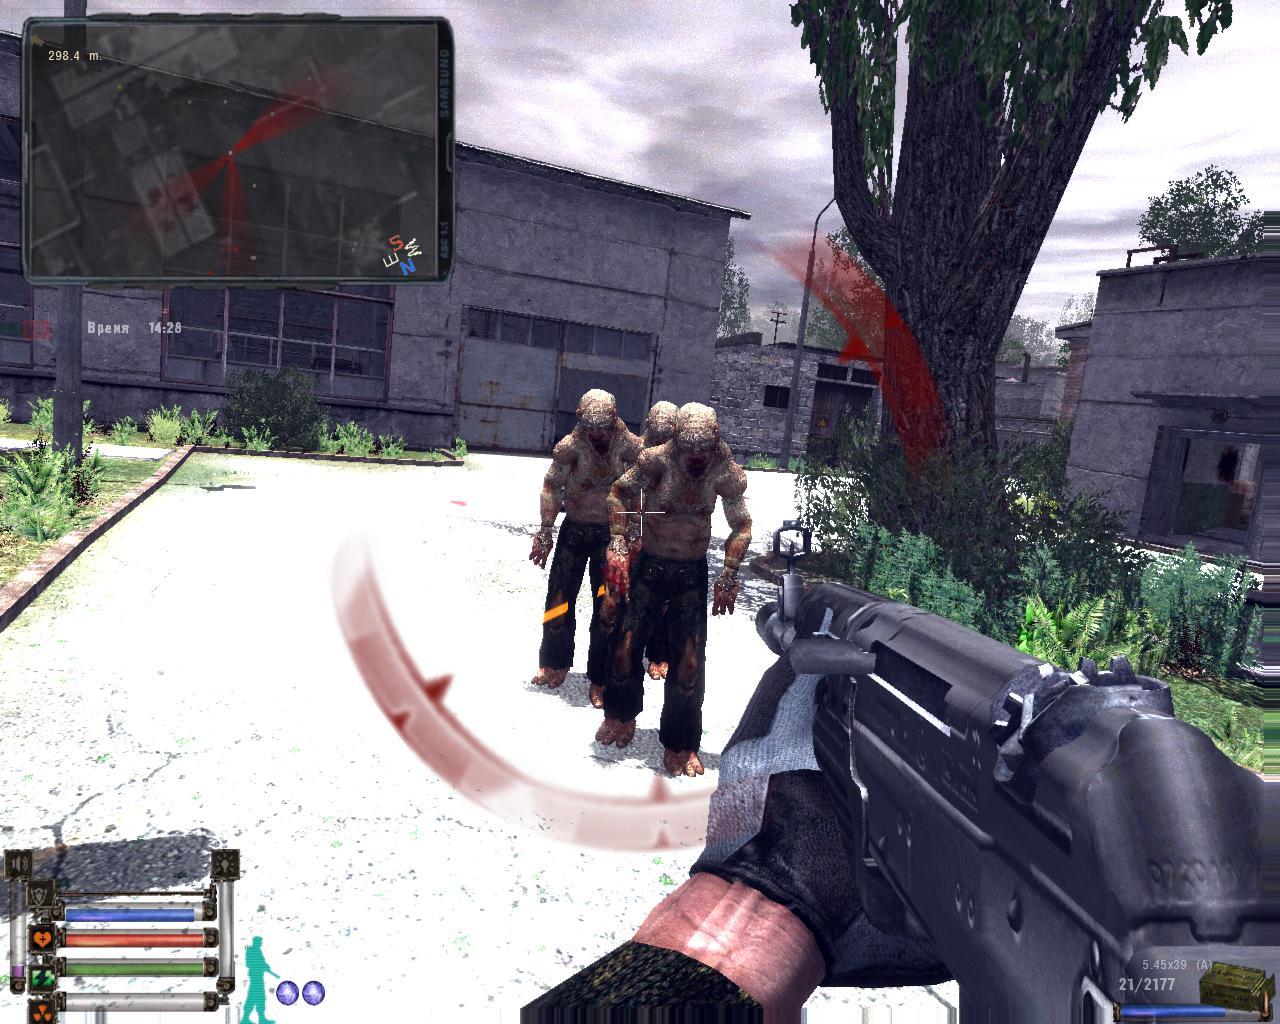 скачать игру сталкер мертвый путь 2 через торрент бесплатно